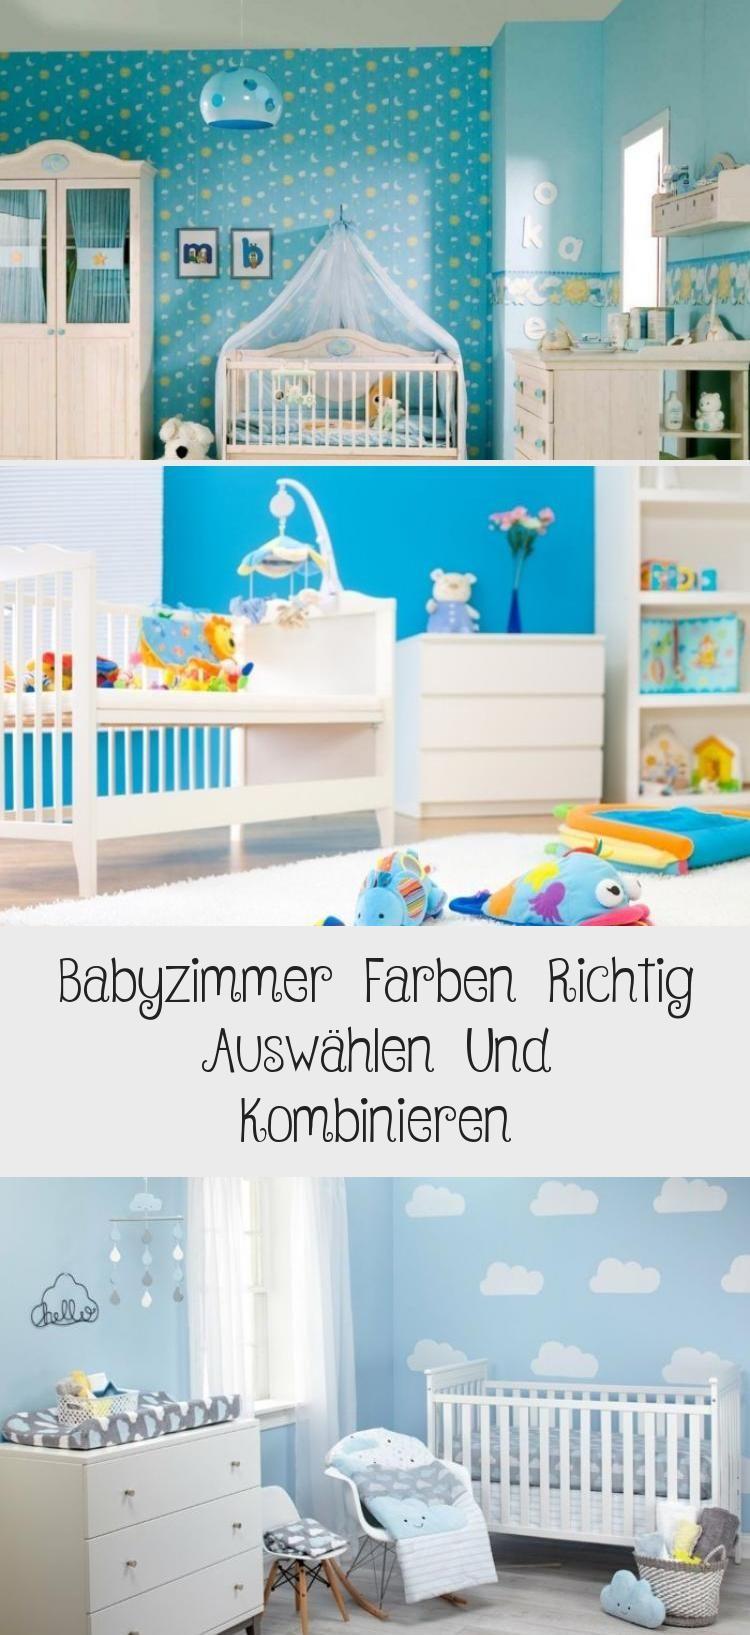 Babyzimmer Farben Richtig Auswählen Und Kombinieren Sessel Kombinierenavec Boy Babynursery Fürskinderzimmer Kinderzimmereinric Toddler Bed Bed Home Decor